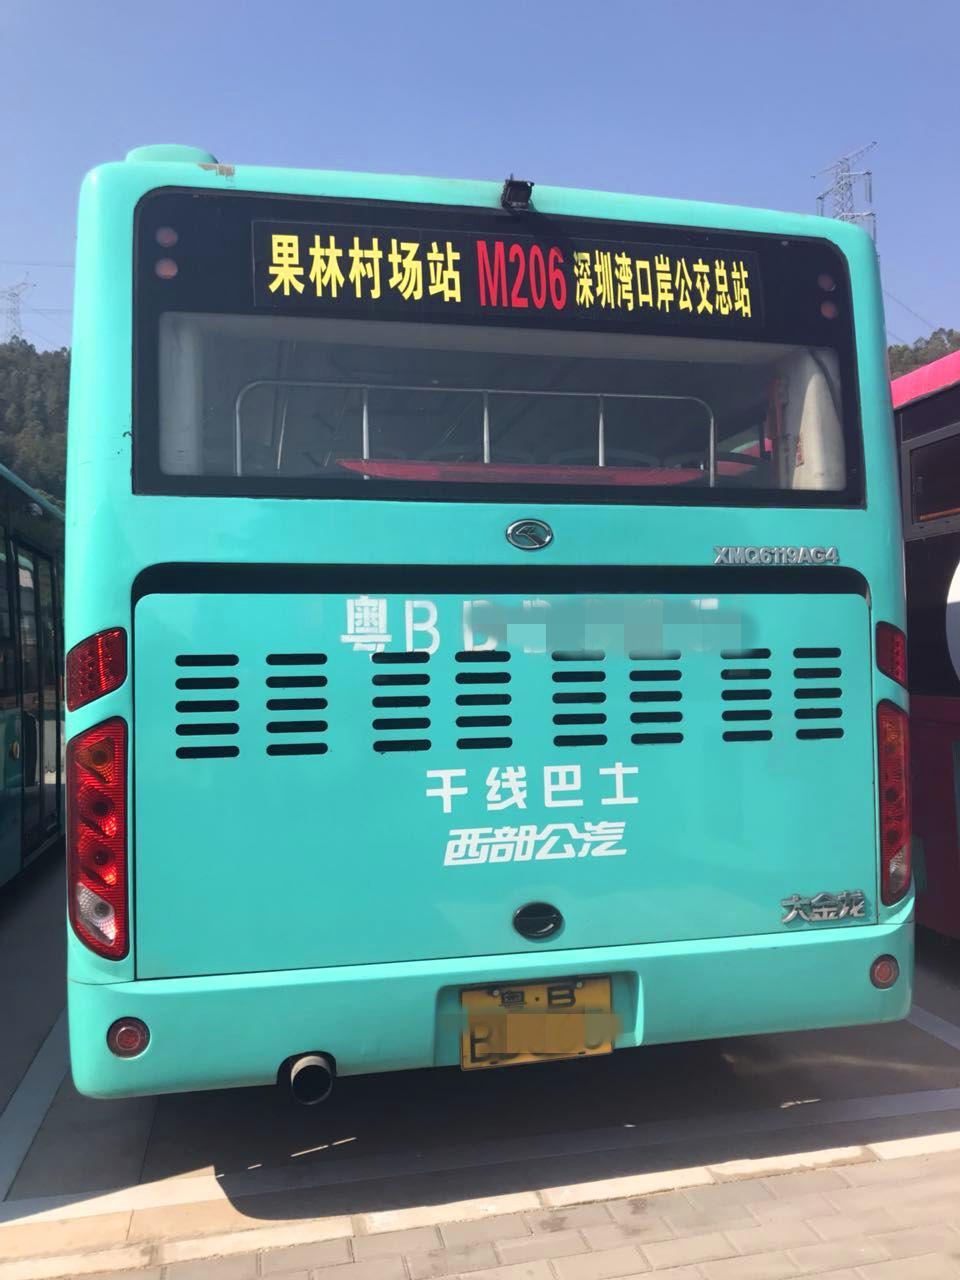 2015年金龙6119国四公交客车